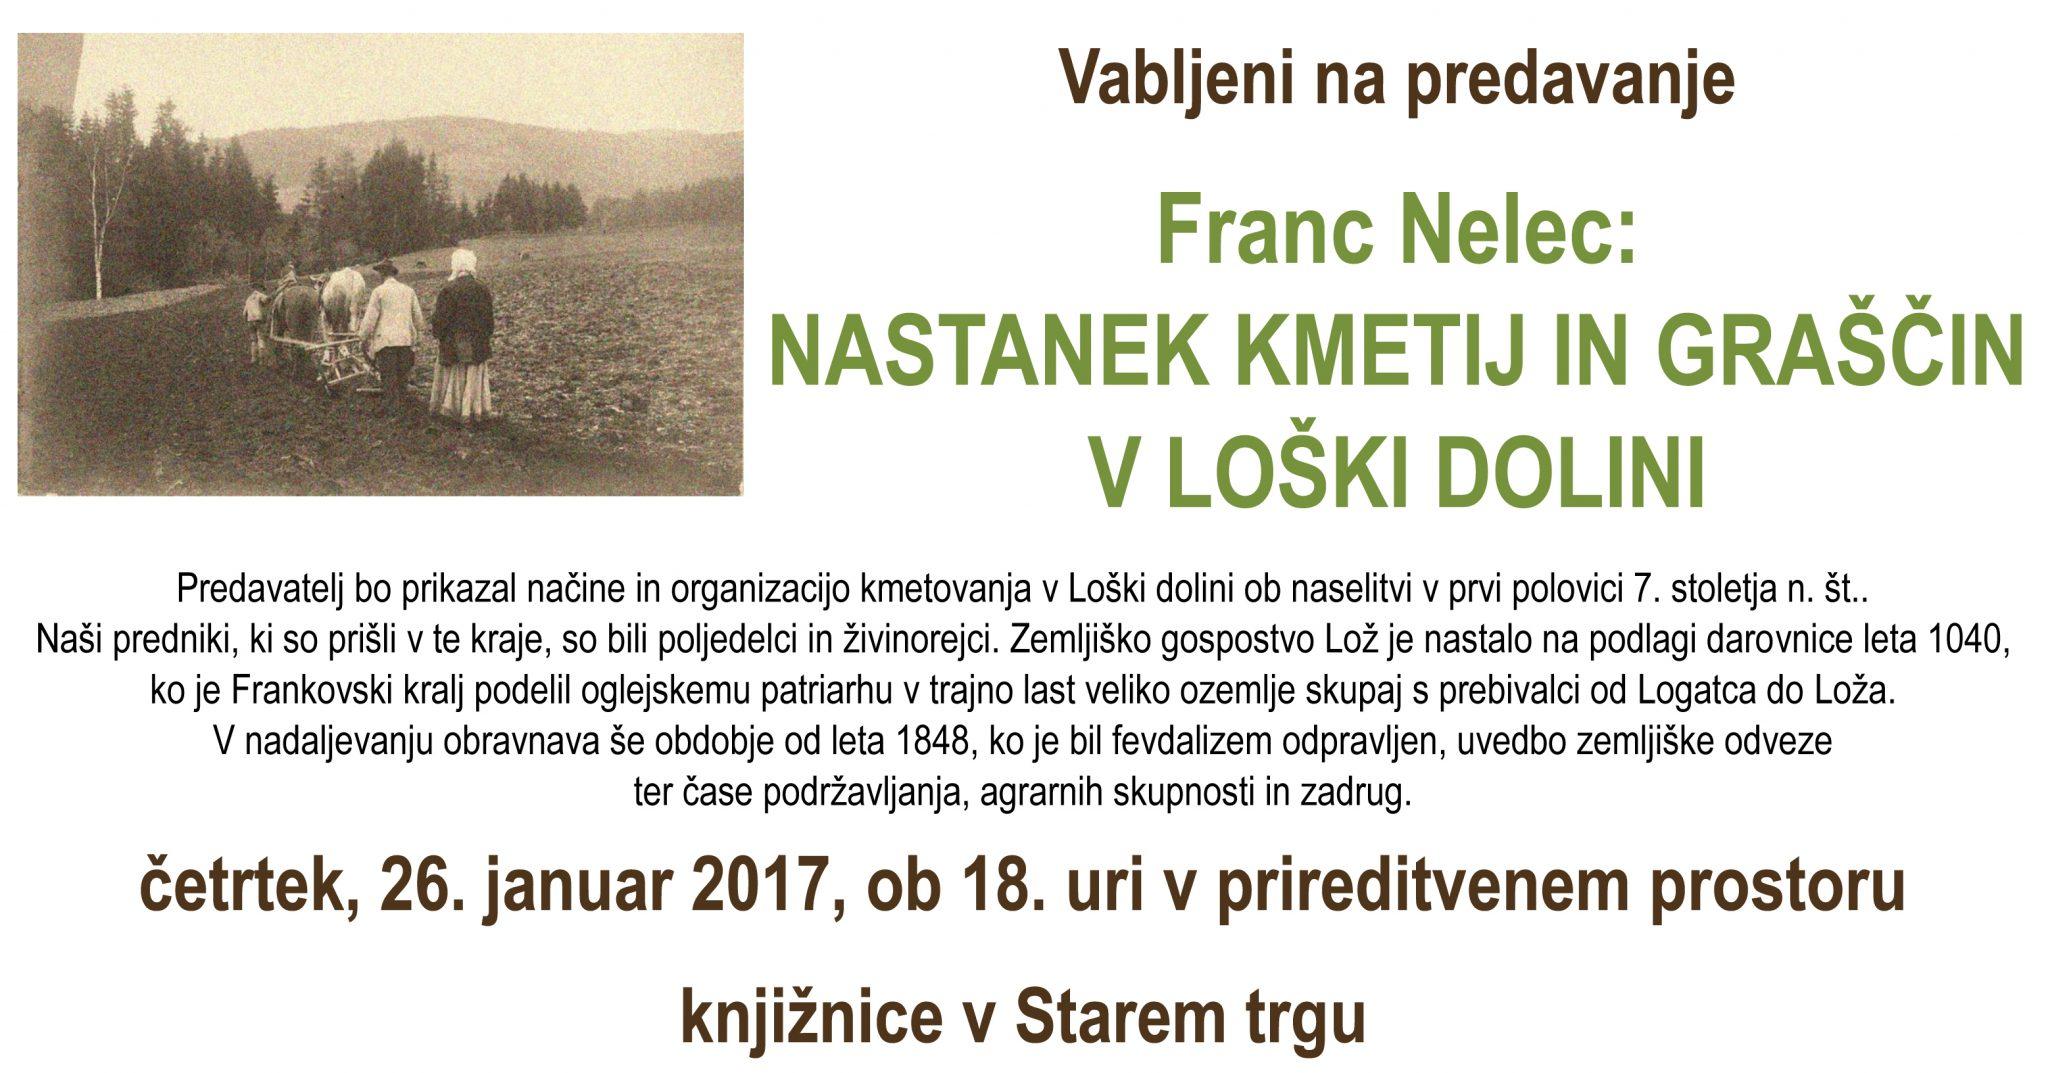 Vabilo - Franc Nelec: Nastanek kmetij in graščin v Loški dolini